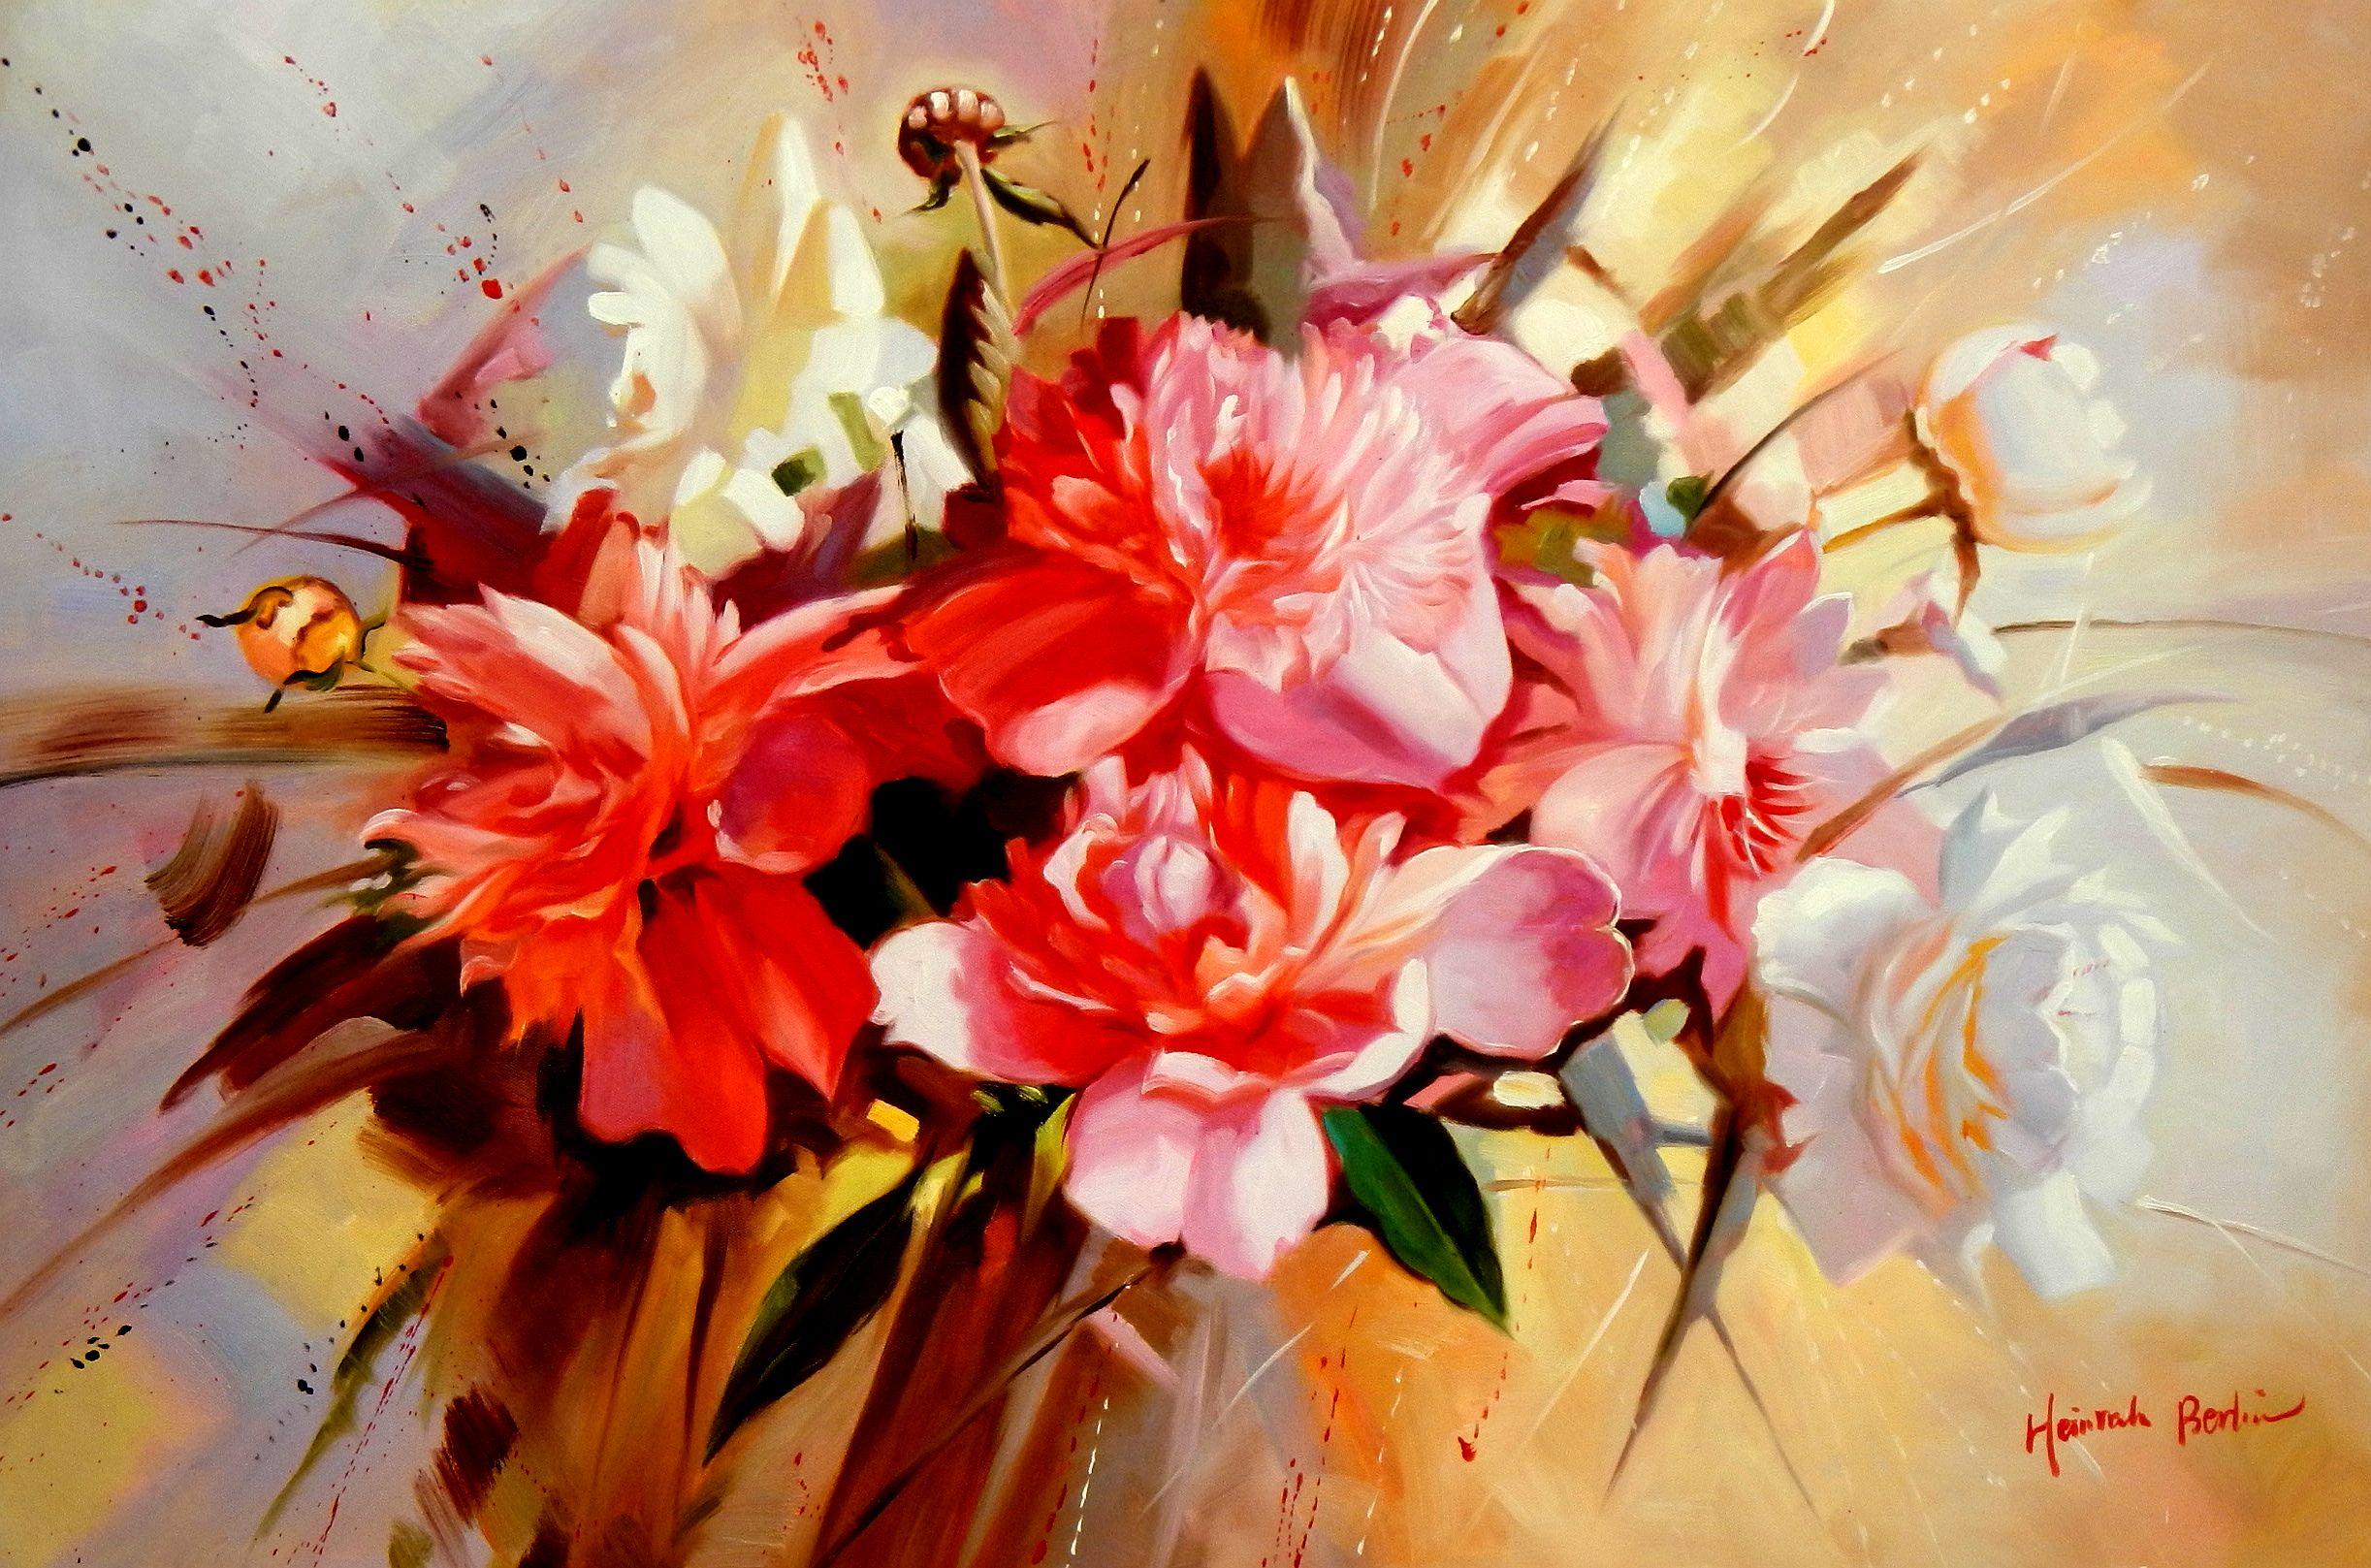 Modern Art - Das Blumenfest d94594 60x90cm handgemaltes Gemälde